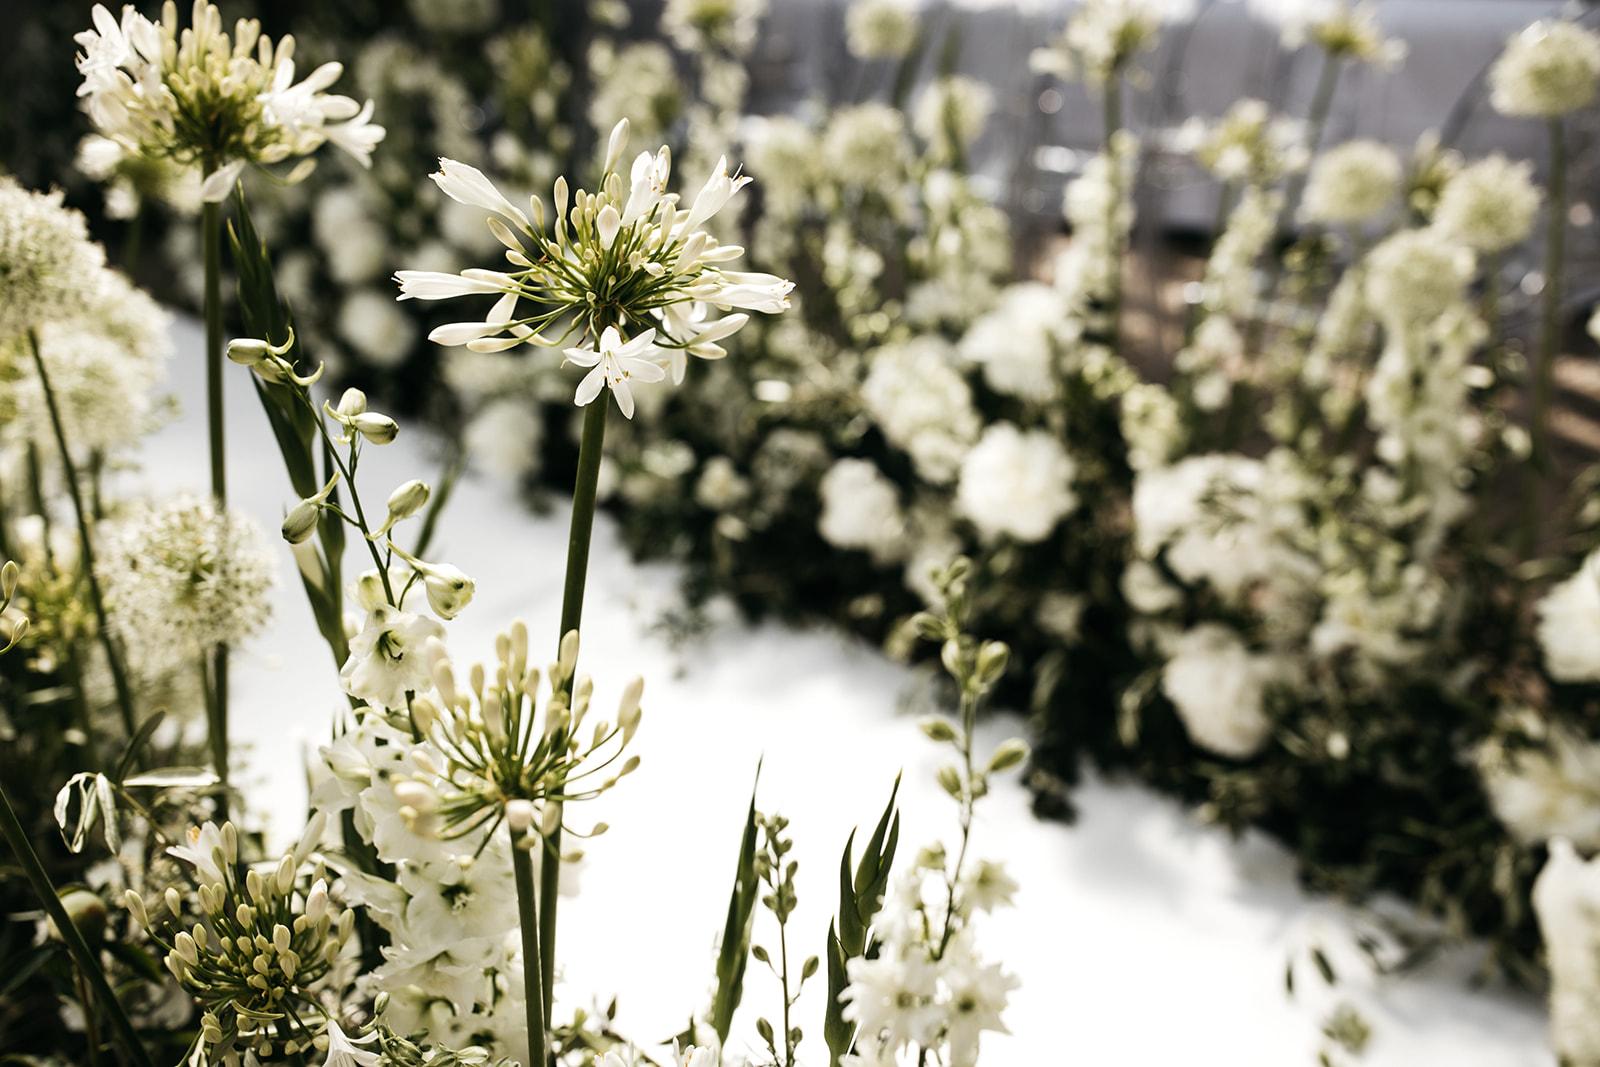 #apbloem #florist #kerkstraat #amsterdam #flowers #bloemen #bloemist #flowers #bouquet #boeket #arrangement #photoshoot #peony #bruiloft #trouwen #bloemenbezorgen #wedding #love #liefde #event #evenement #garden #tuin #bridalgown #bruidsjurk #justmarried #bridalcouple #weddingflowers #weddingphotography #weddinginspiration #white #field #veldbloemen #hortus #garden #greenhouse